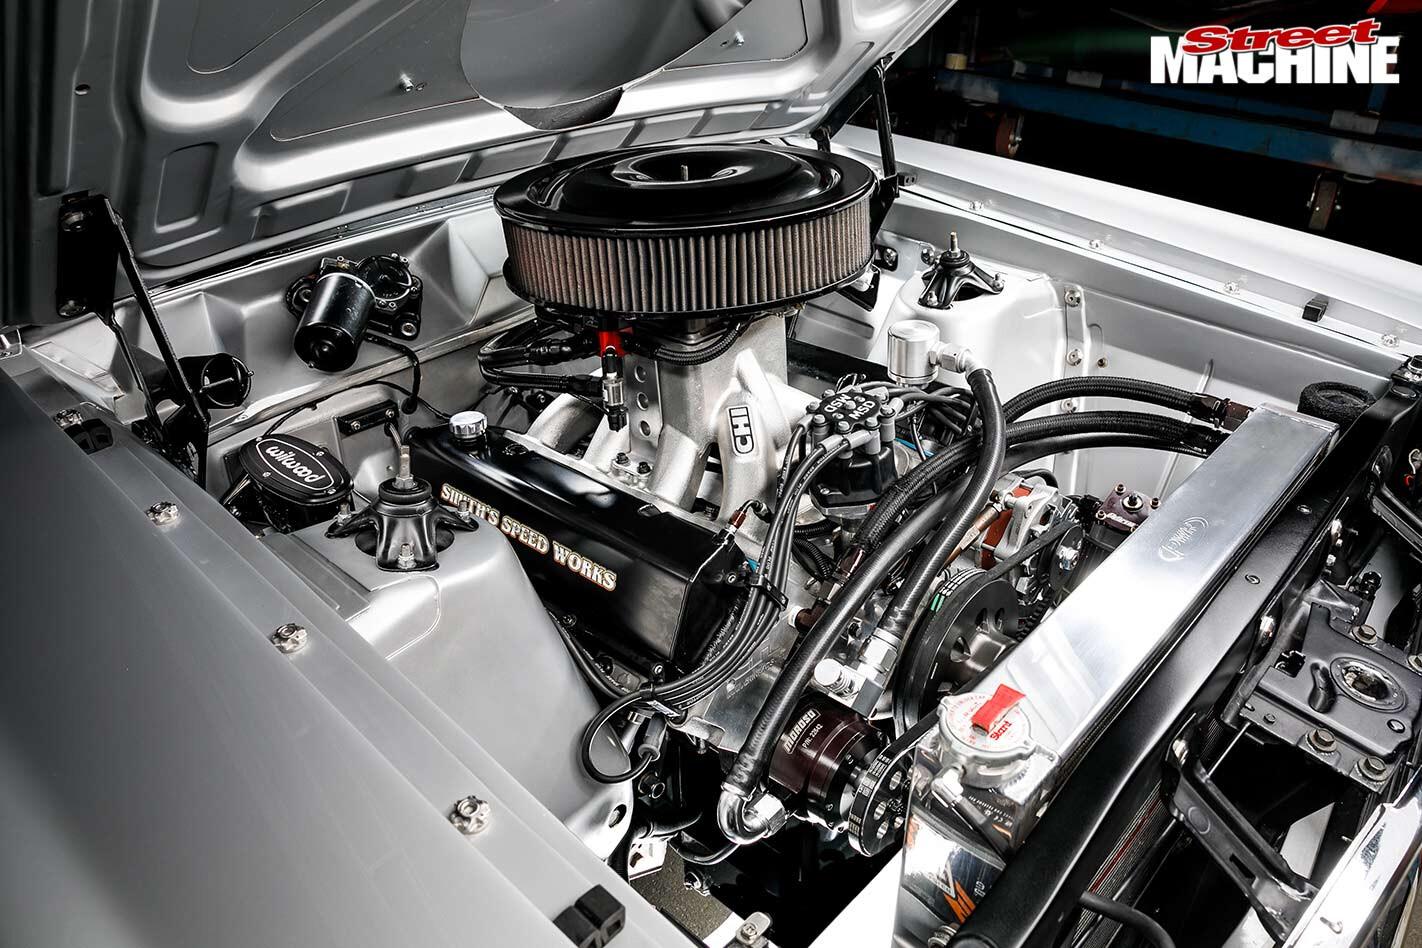 Ford Falcon XT engine bay